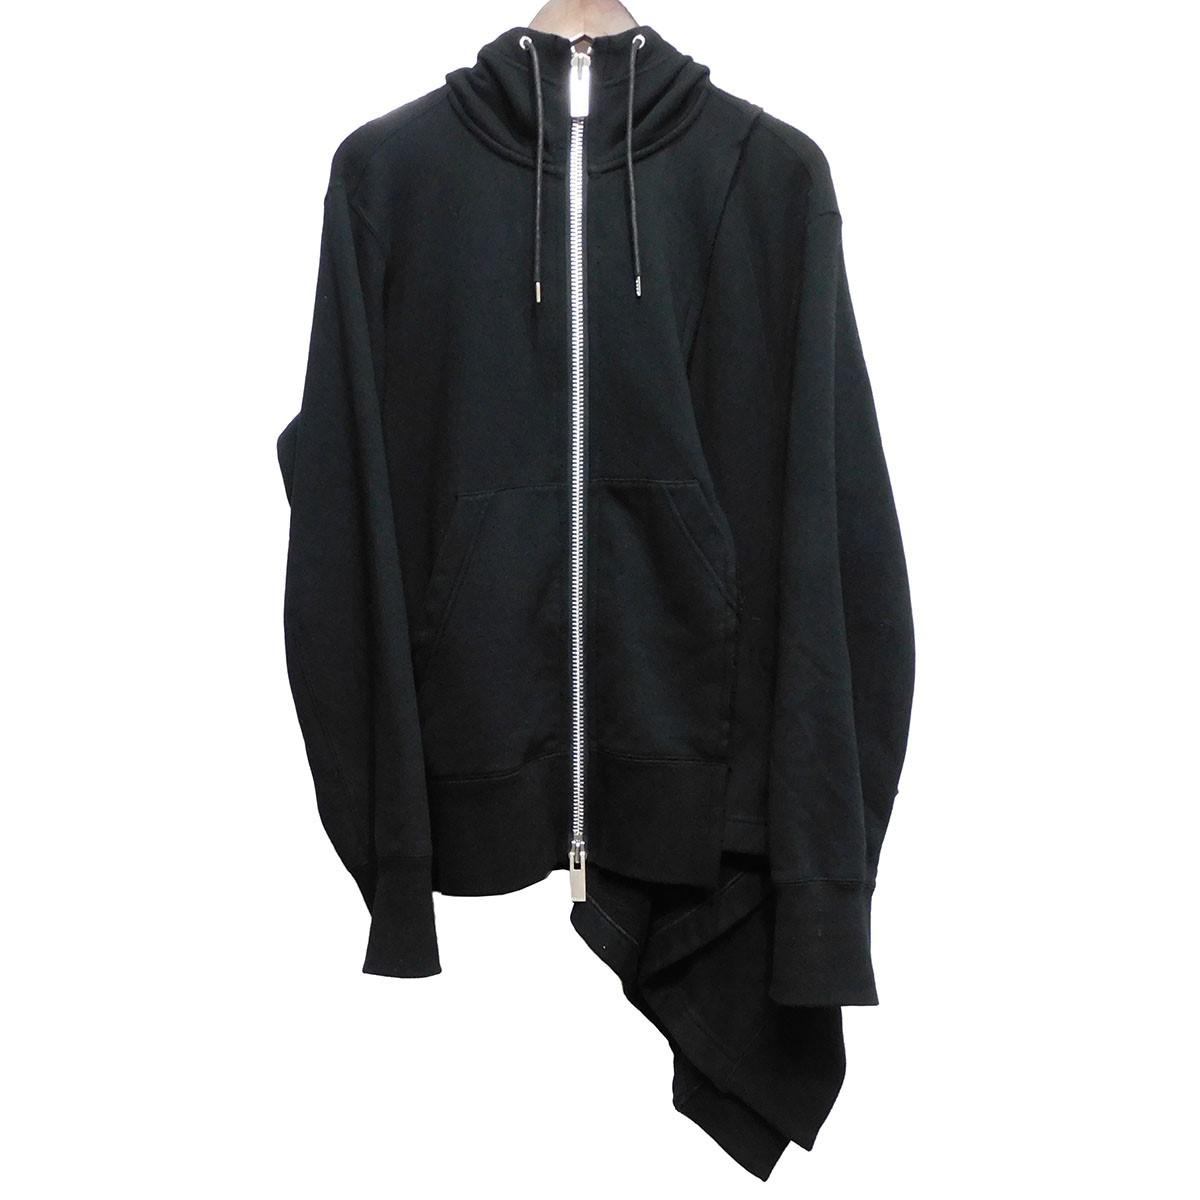 【中古】sacai 19SS アシンメトリージップアップパーカー ブラック サイズ:3 【170420】(サカイ)